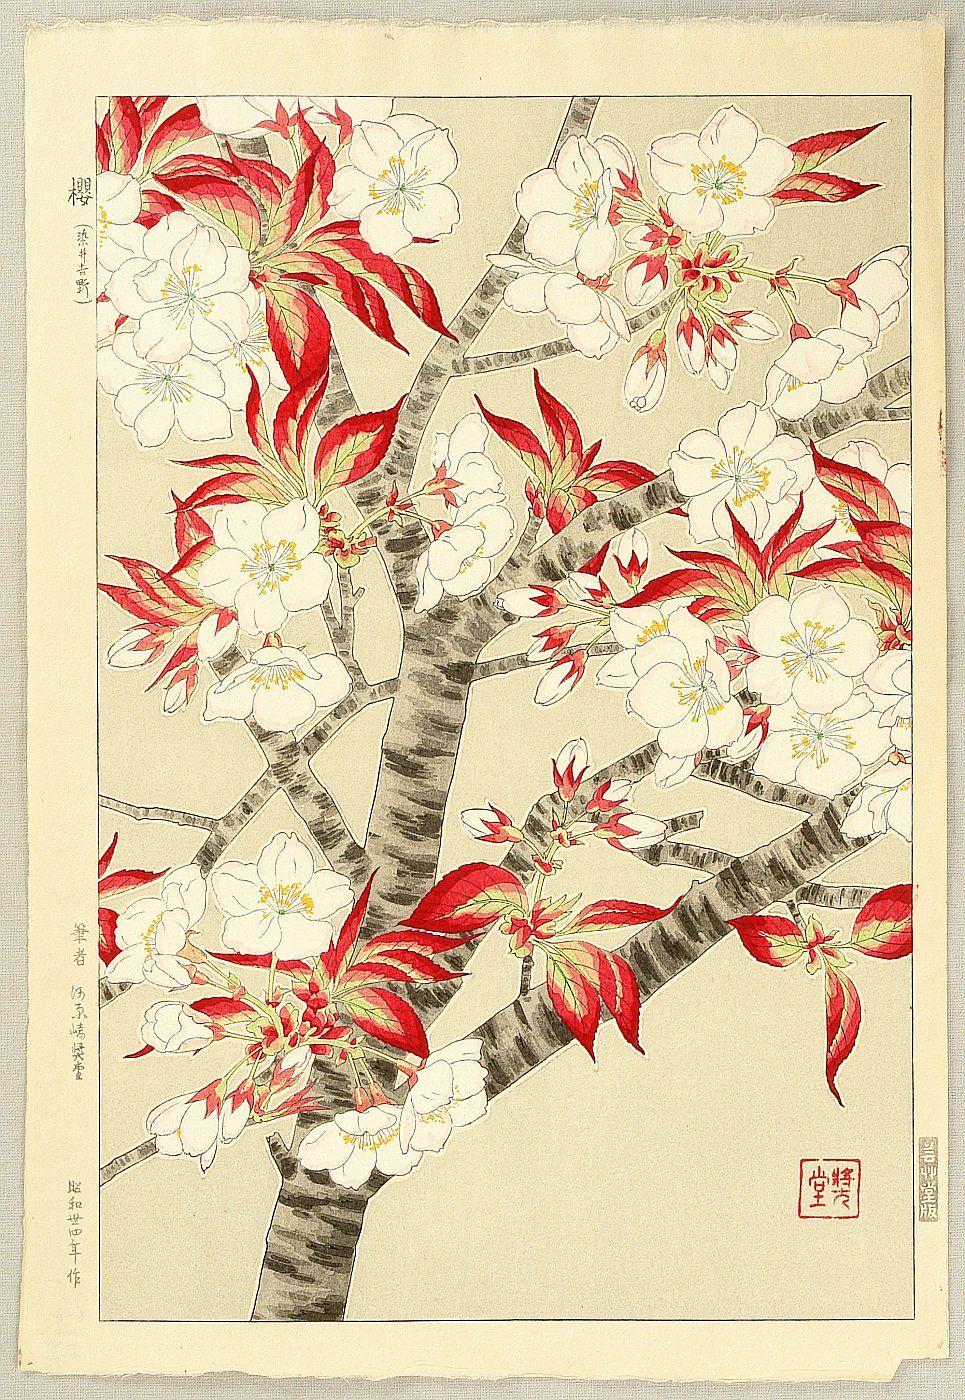 Shodo Kawarazaki 1889-1973